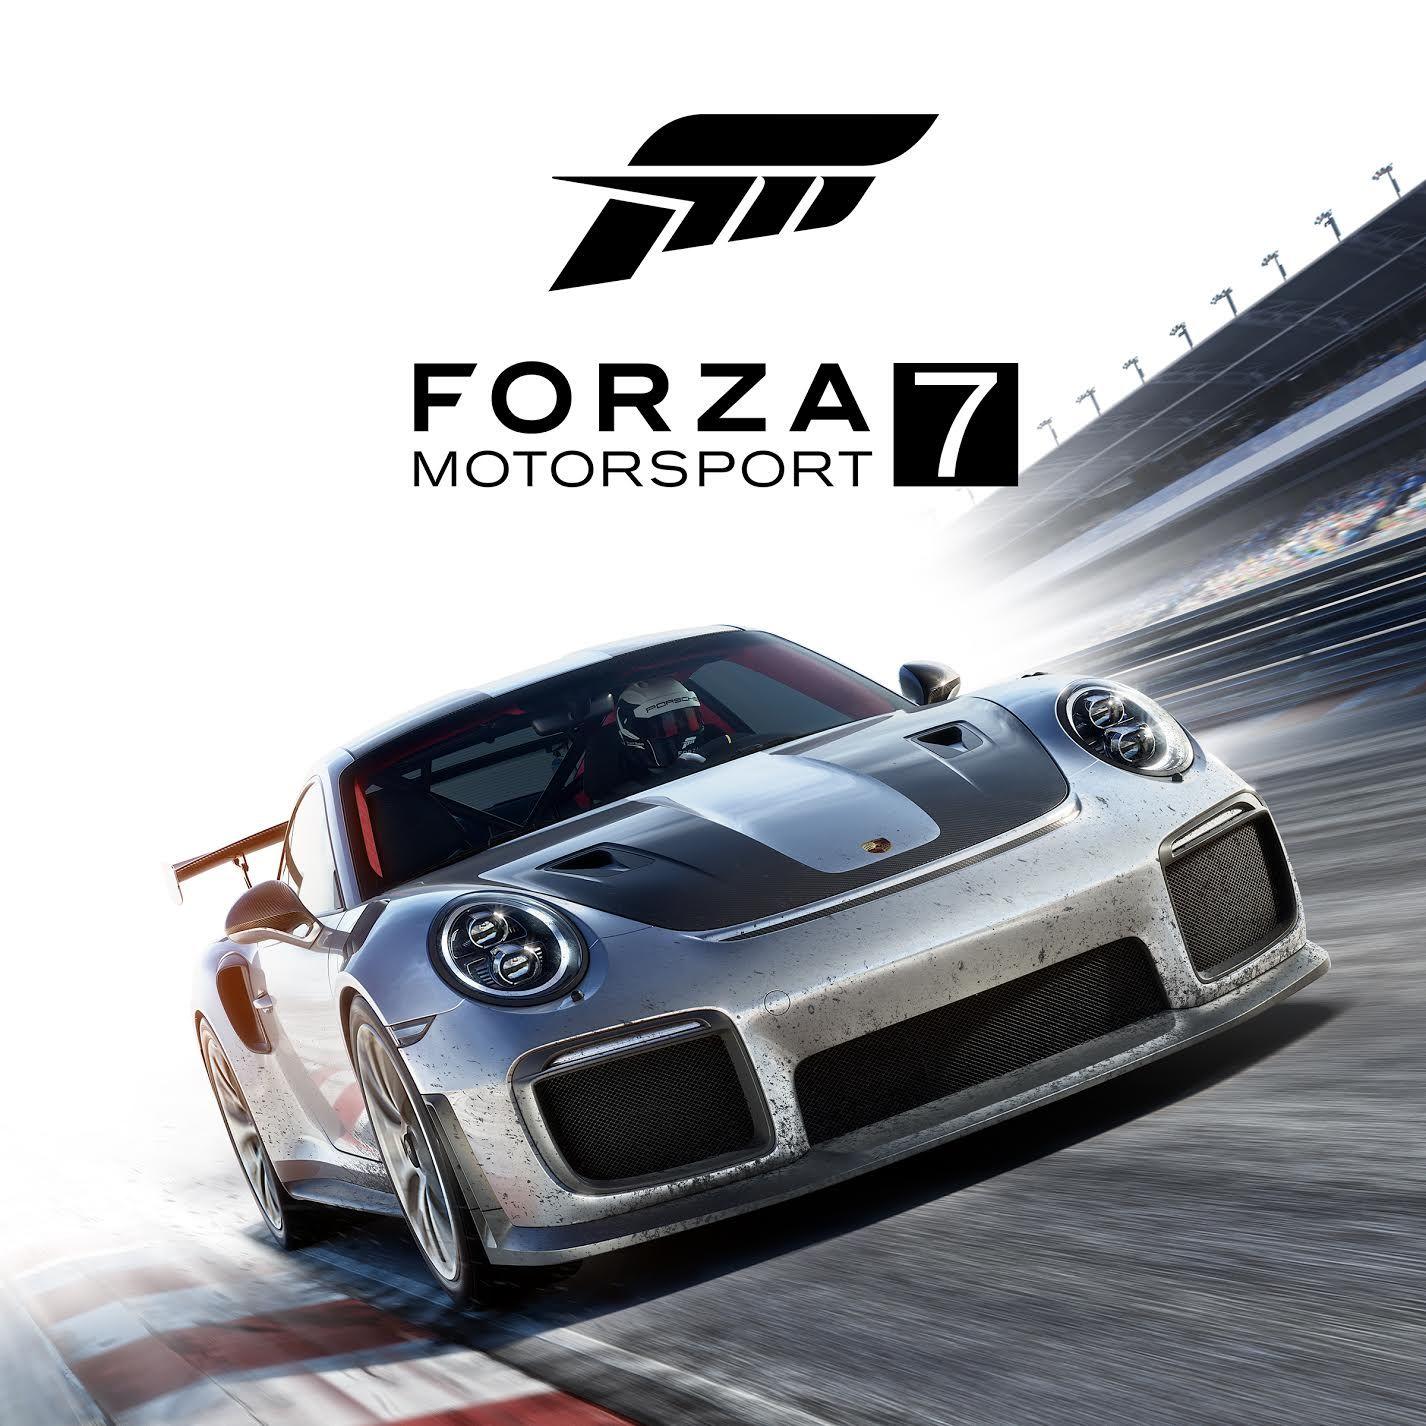 Pr Forza 7 Motorsport Forza Motorsport Motorsport Forza